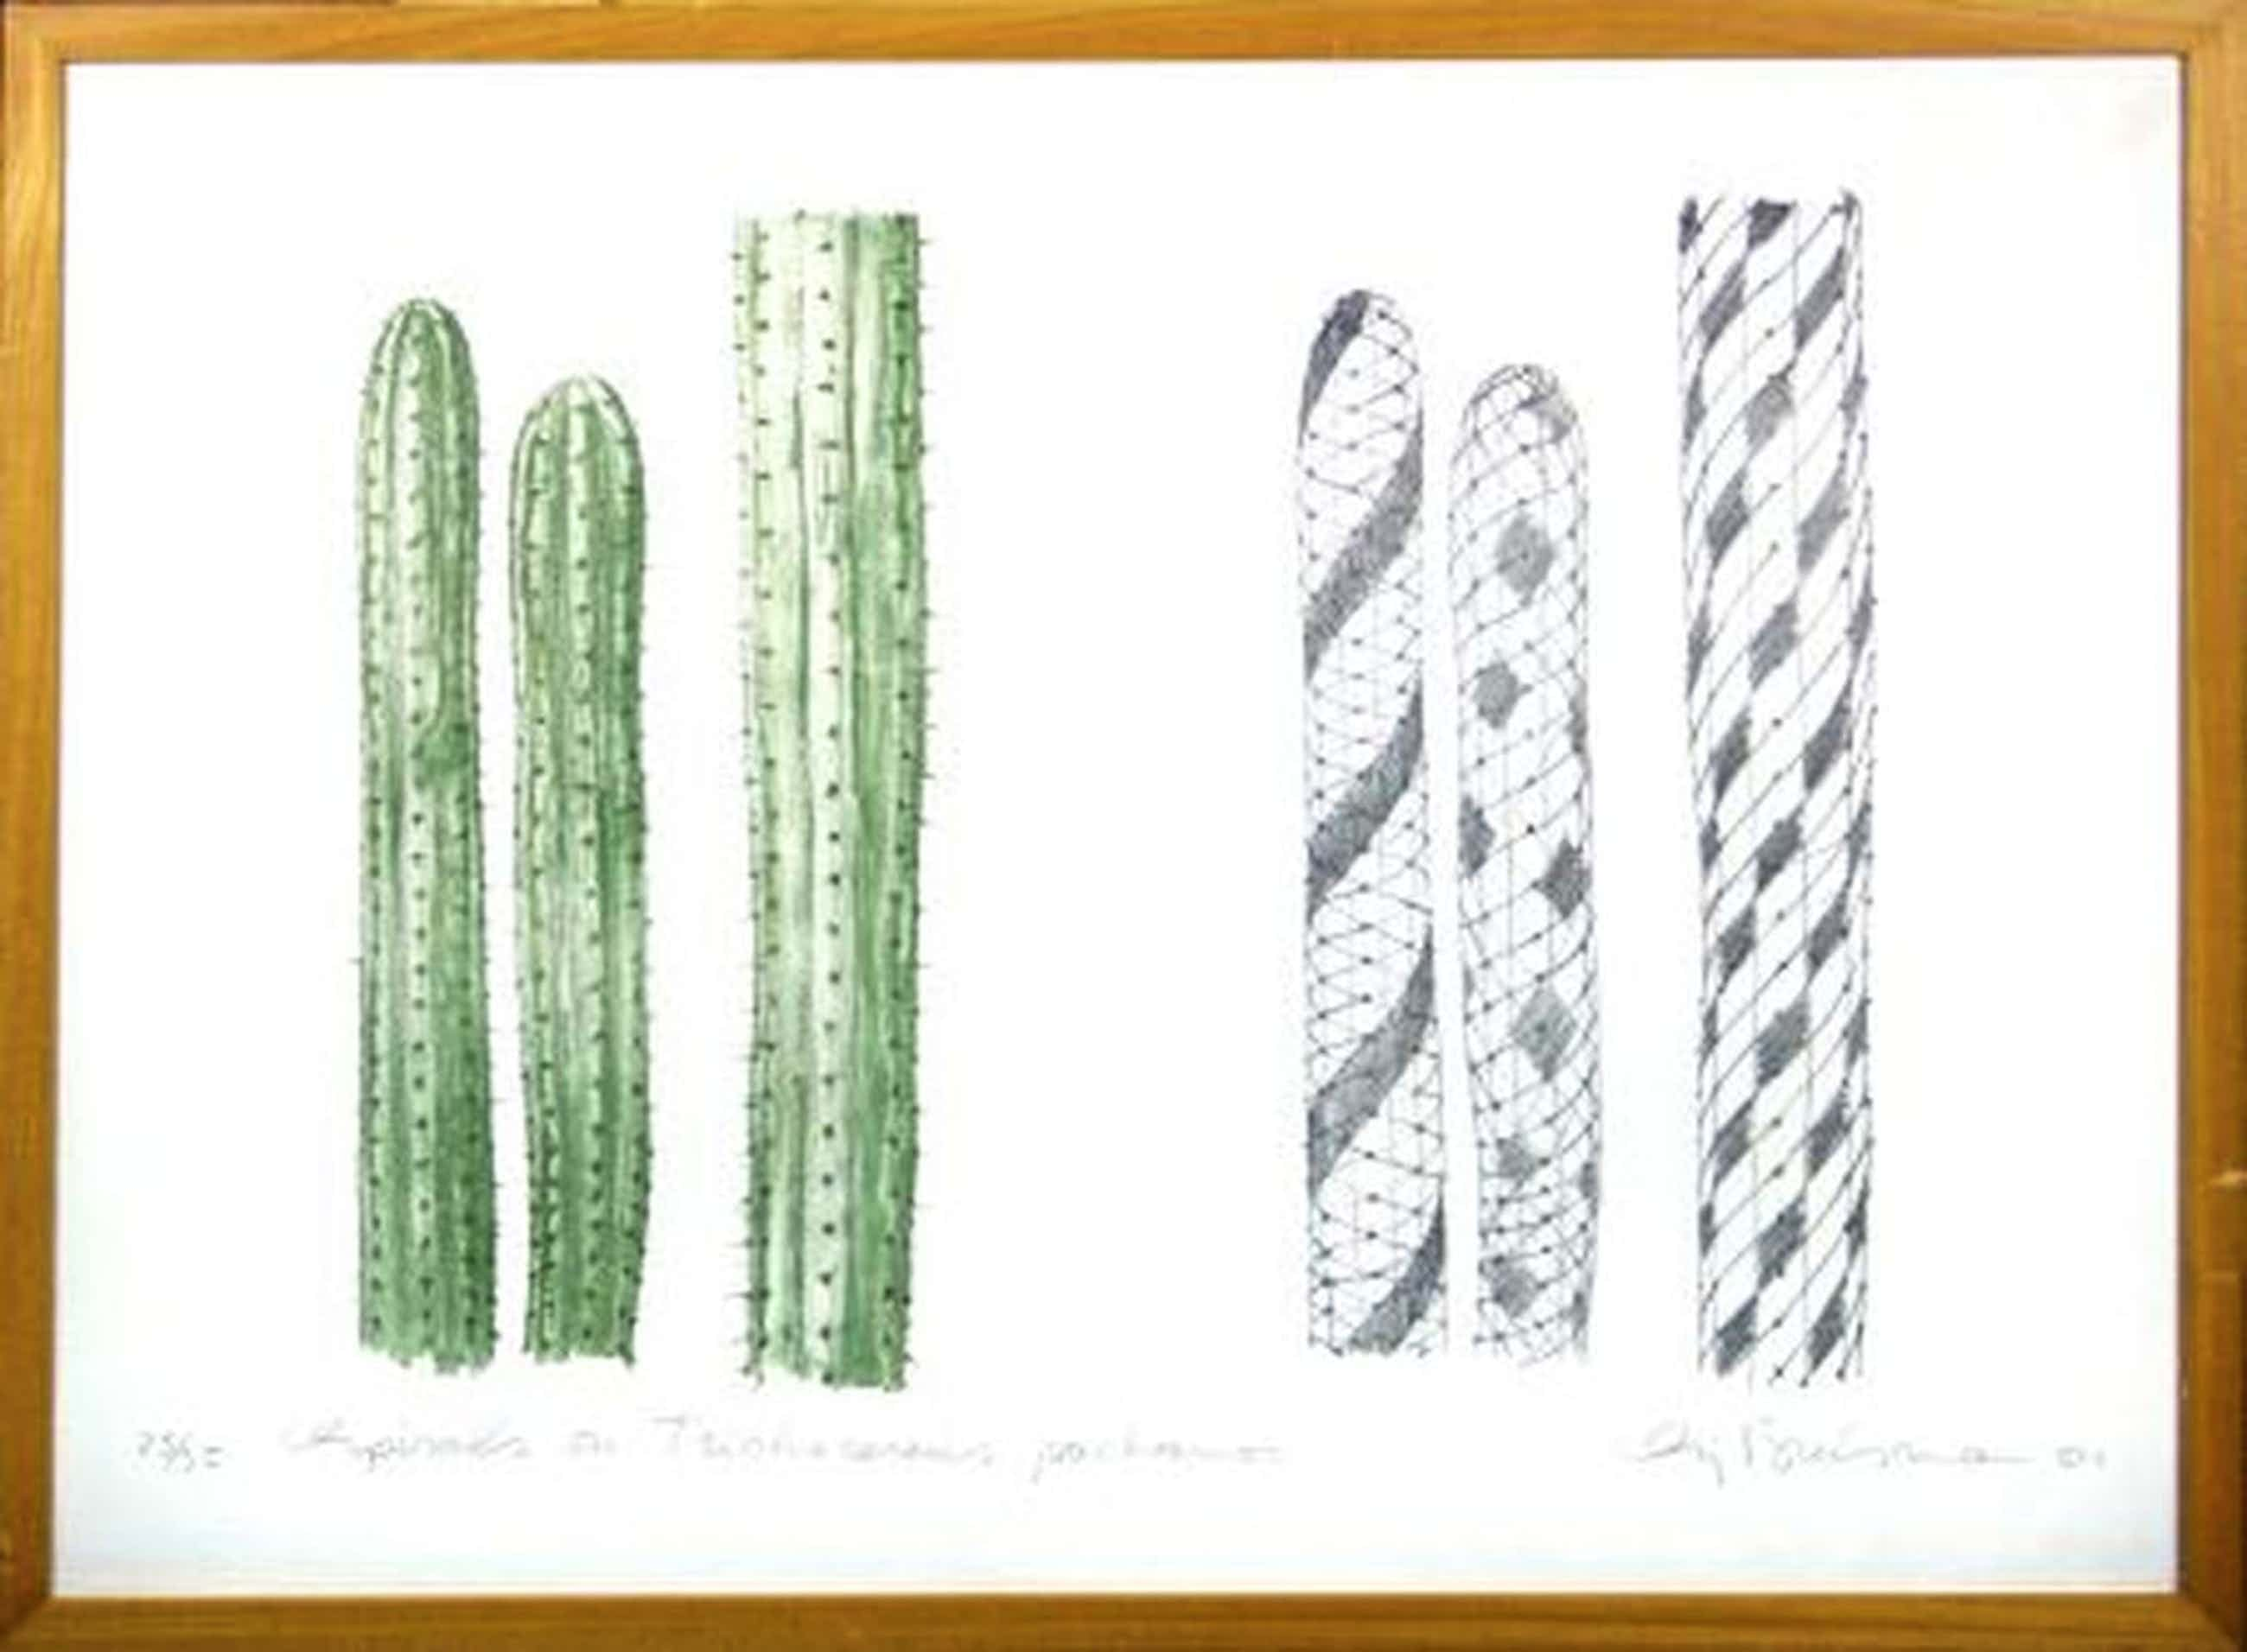 Sjoerd Buisman, Spirals on Trichocereus pachanoi, '81, grote ingelijste litho kopen? Bied vanaf 240!